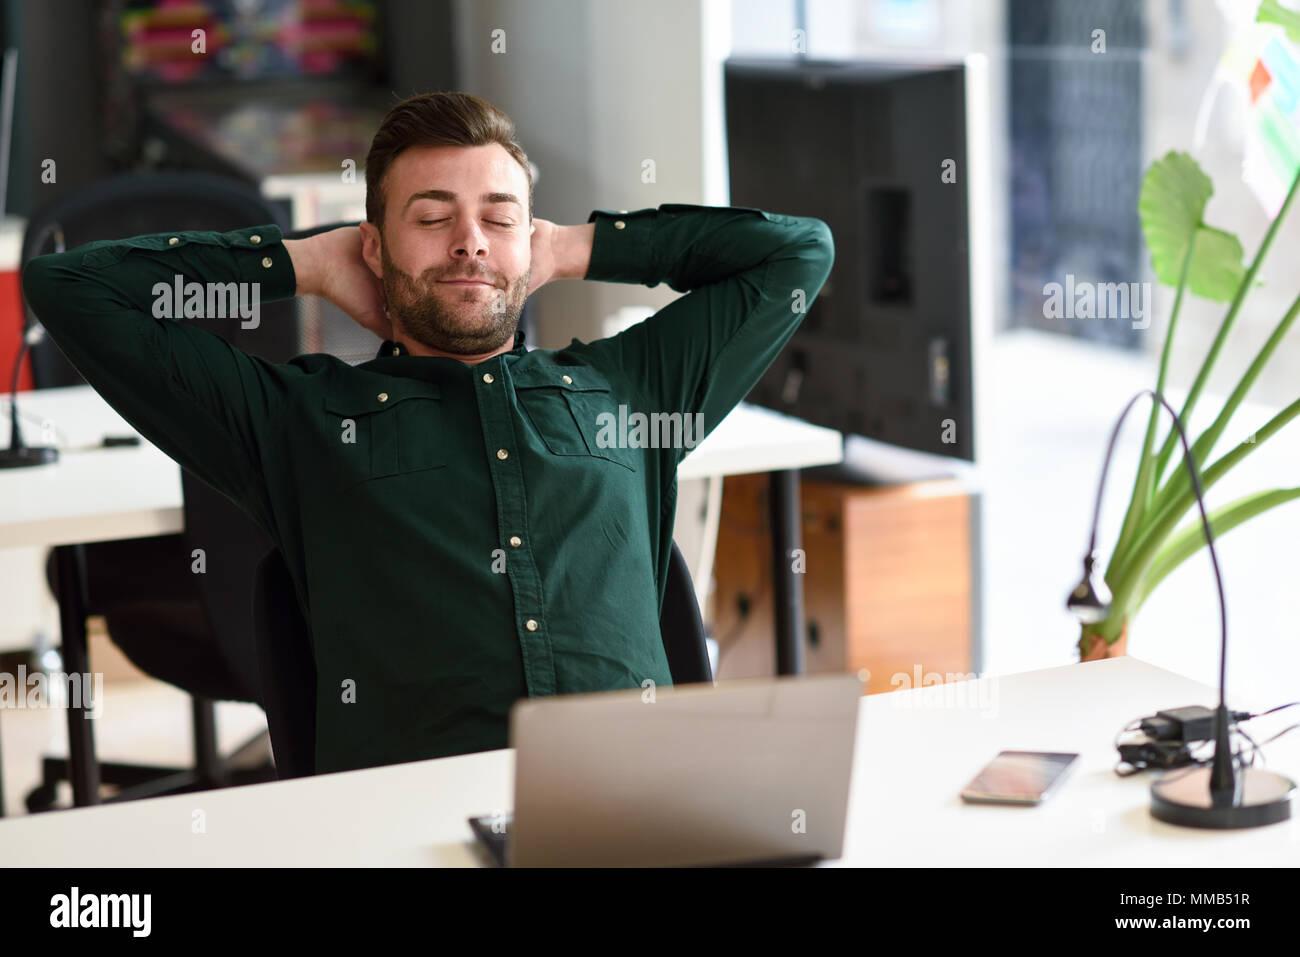 Jeune homme étudiant avec un ordinateur portable sur blanc 24. Guy attrayants avec des tenues de porter la barbe en faisant une pause. Photo Stock